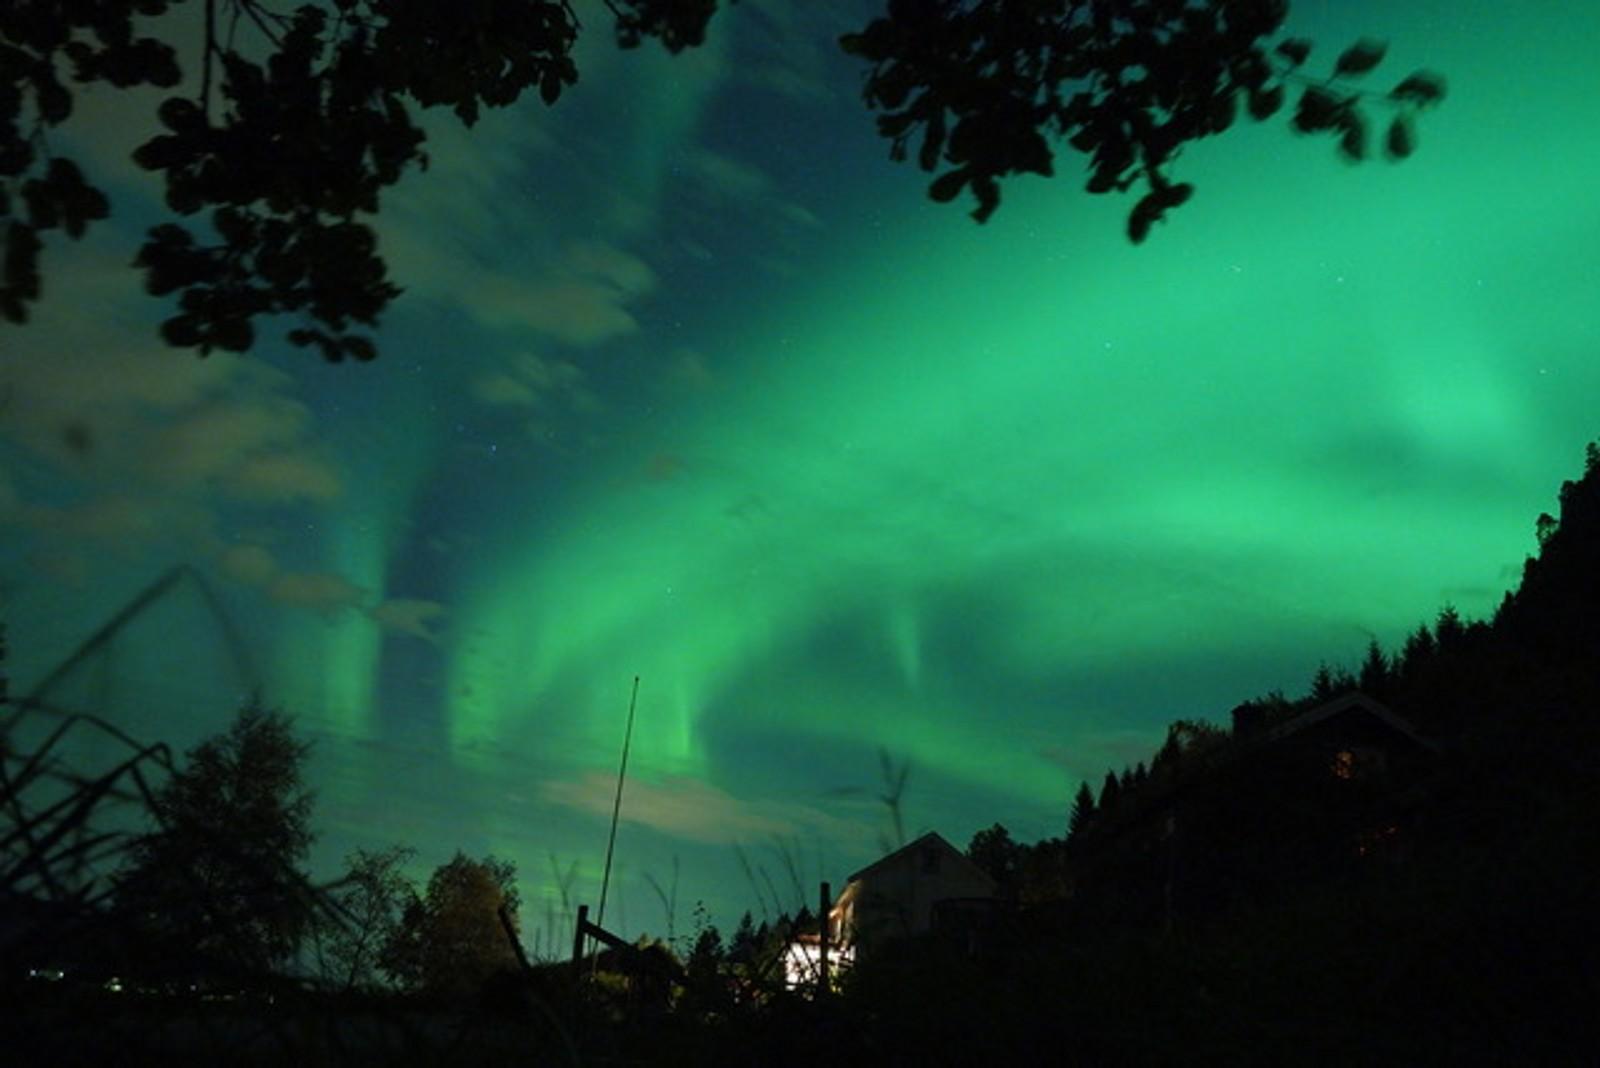 Rob Buist tok dette bildet i natt på vei hjem fra jobb i Molde.